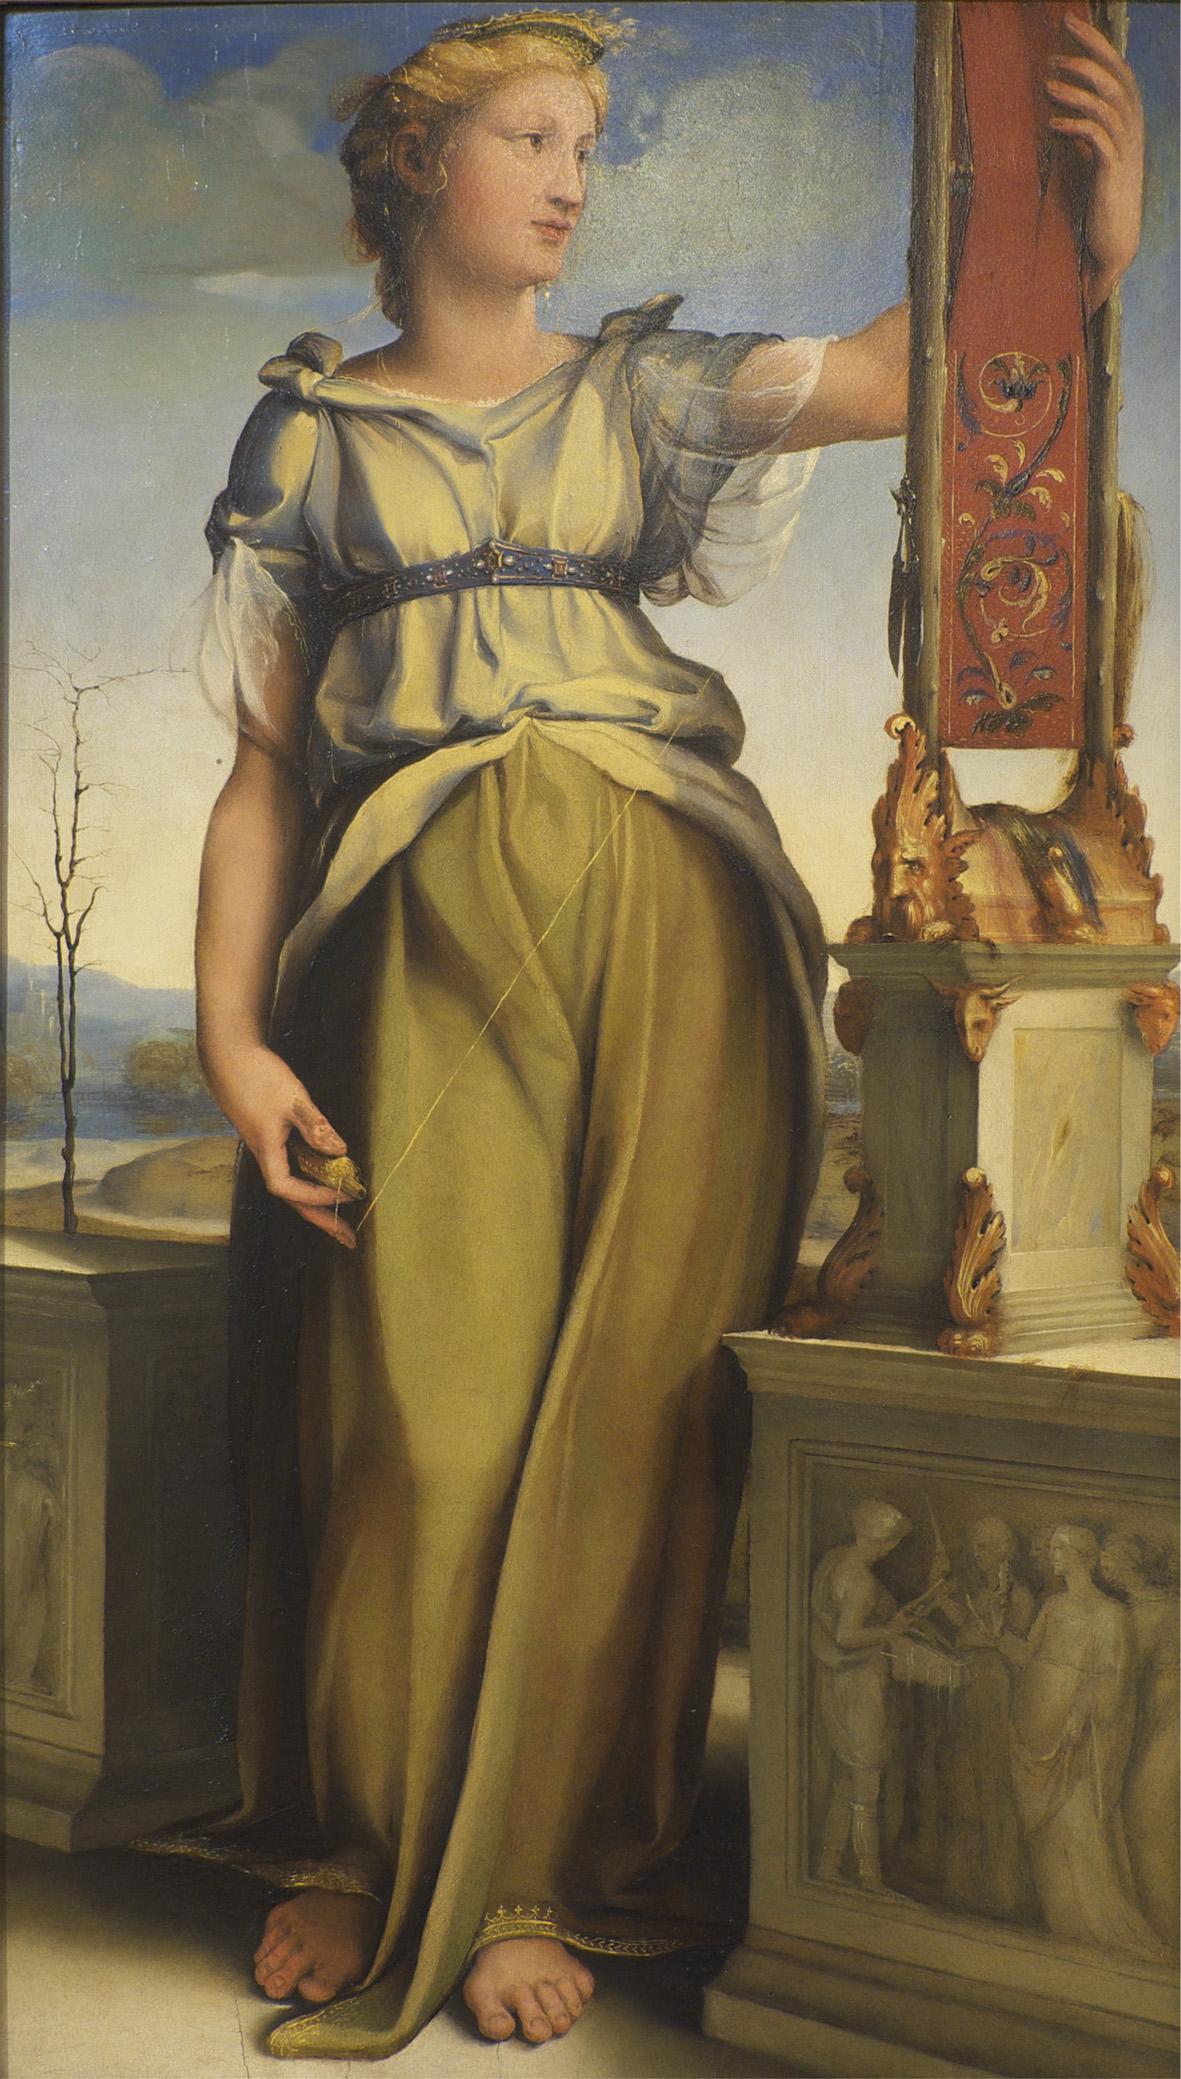 Domenico Beccafumi, Penelope (1519; olio su tavola, 84 x 48 cm; Venezia, Pinacoteca Manfrediniana del Seminario Patriarcale)